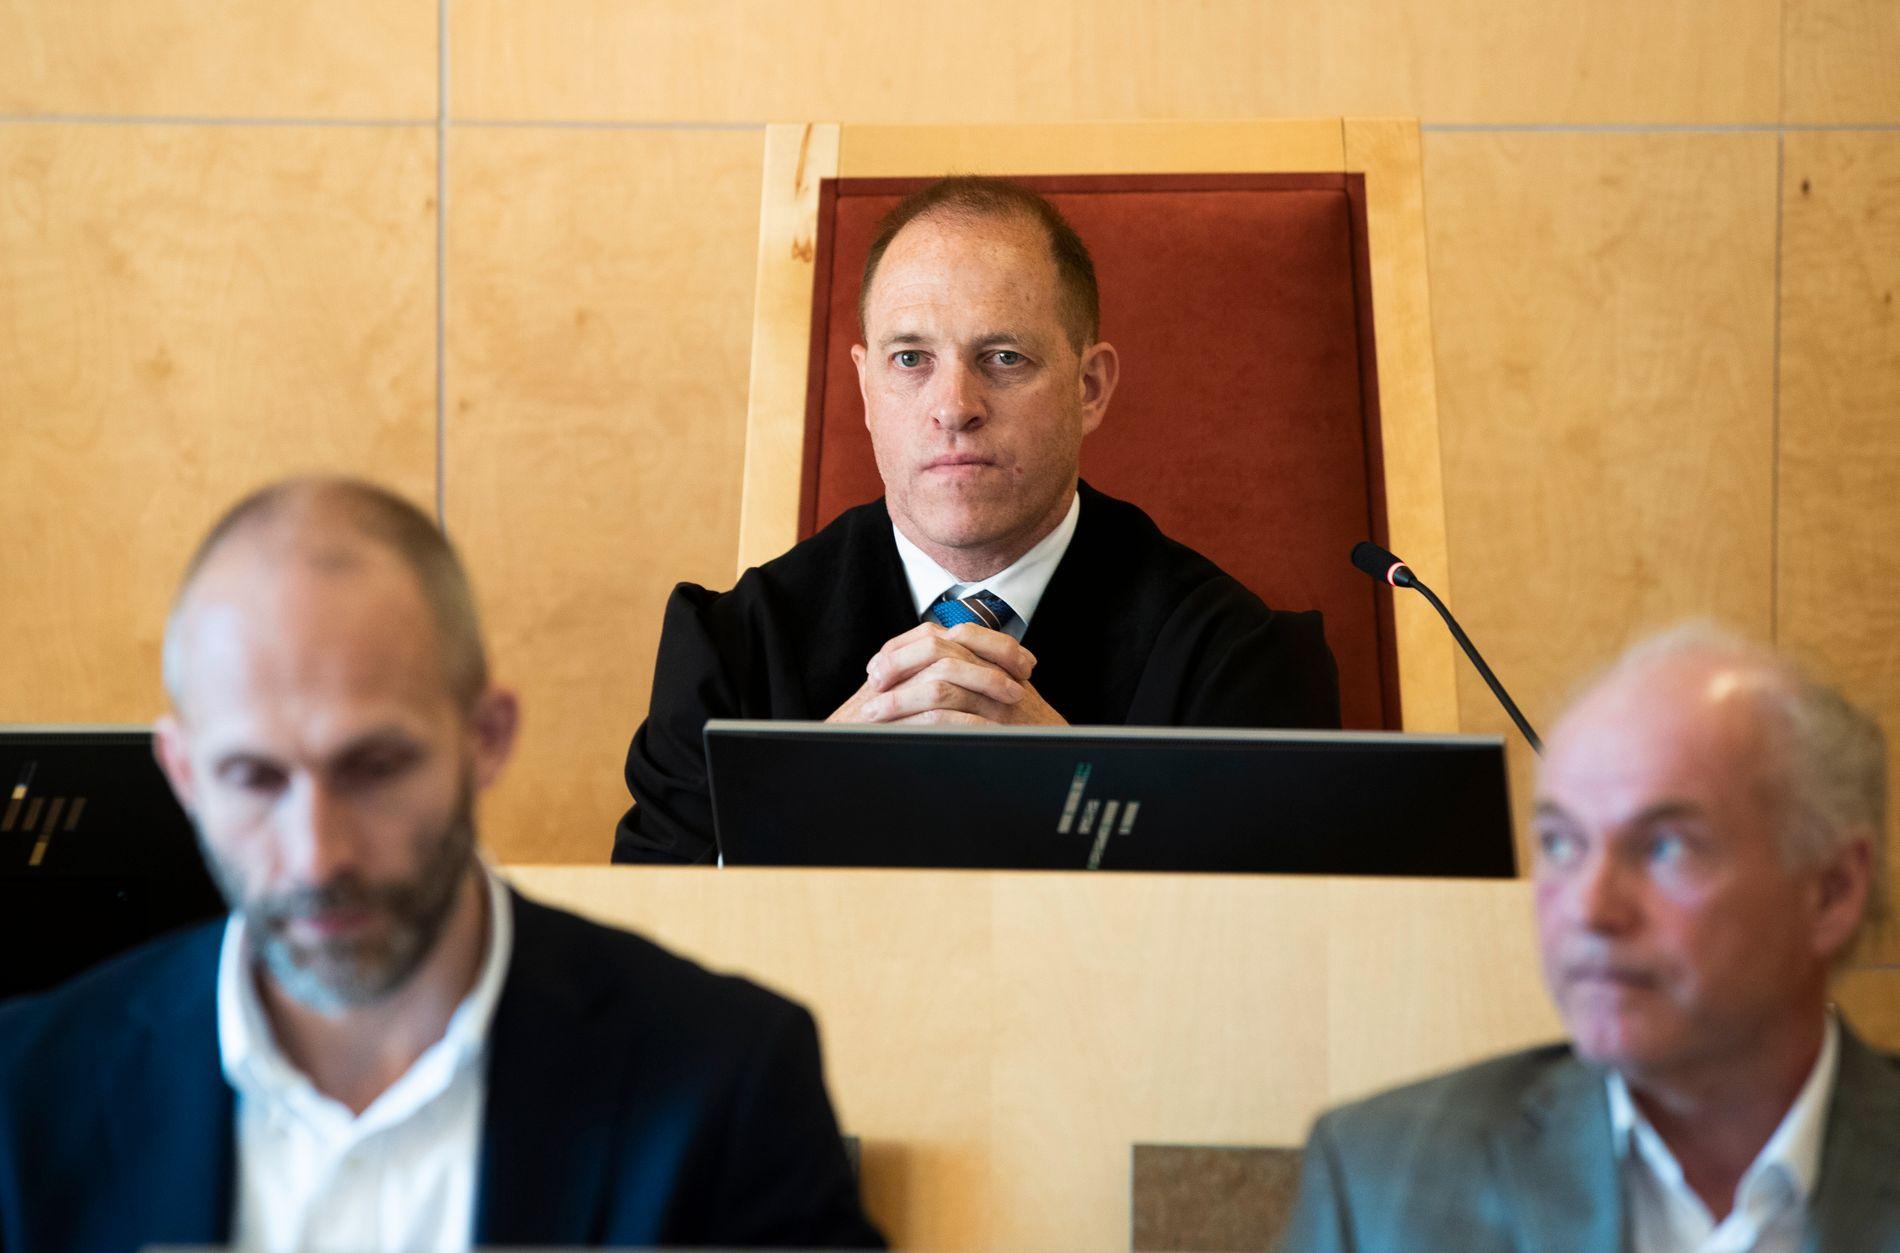 DOMMER: Tingrettsdommer Ingulf Nordahl (midten) og rettspsykiaterne Alexander Rønningsdalen Flaata (t.v.) og Terje Tørrissen